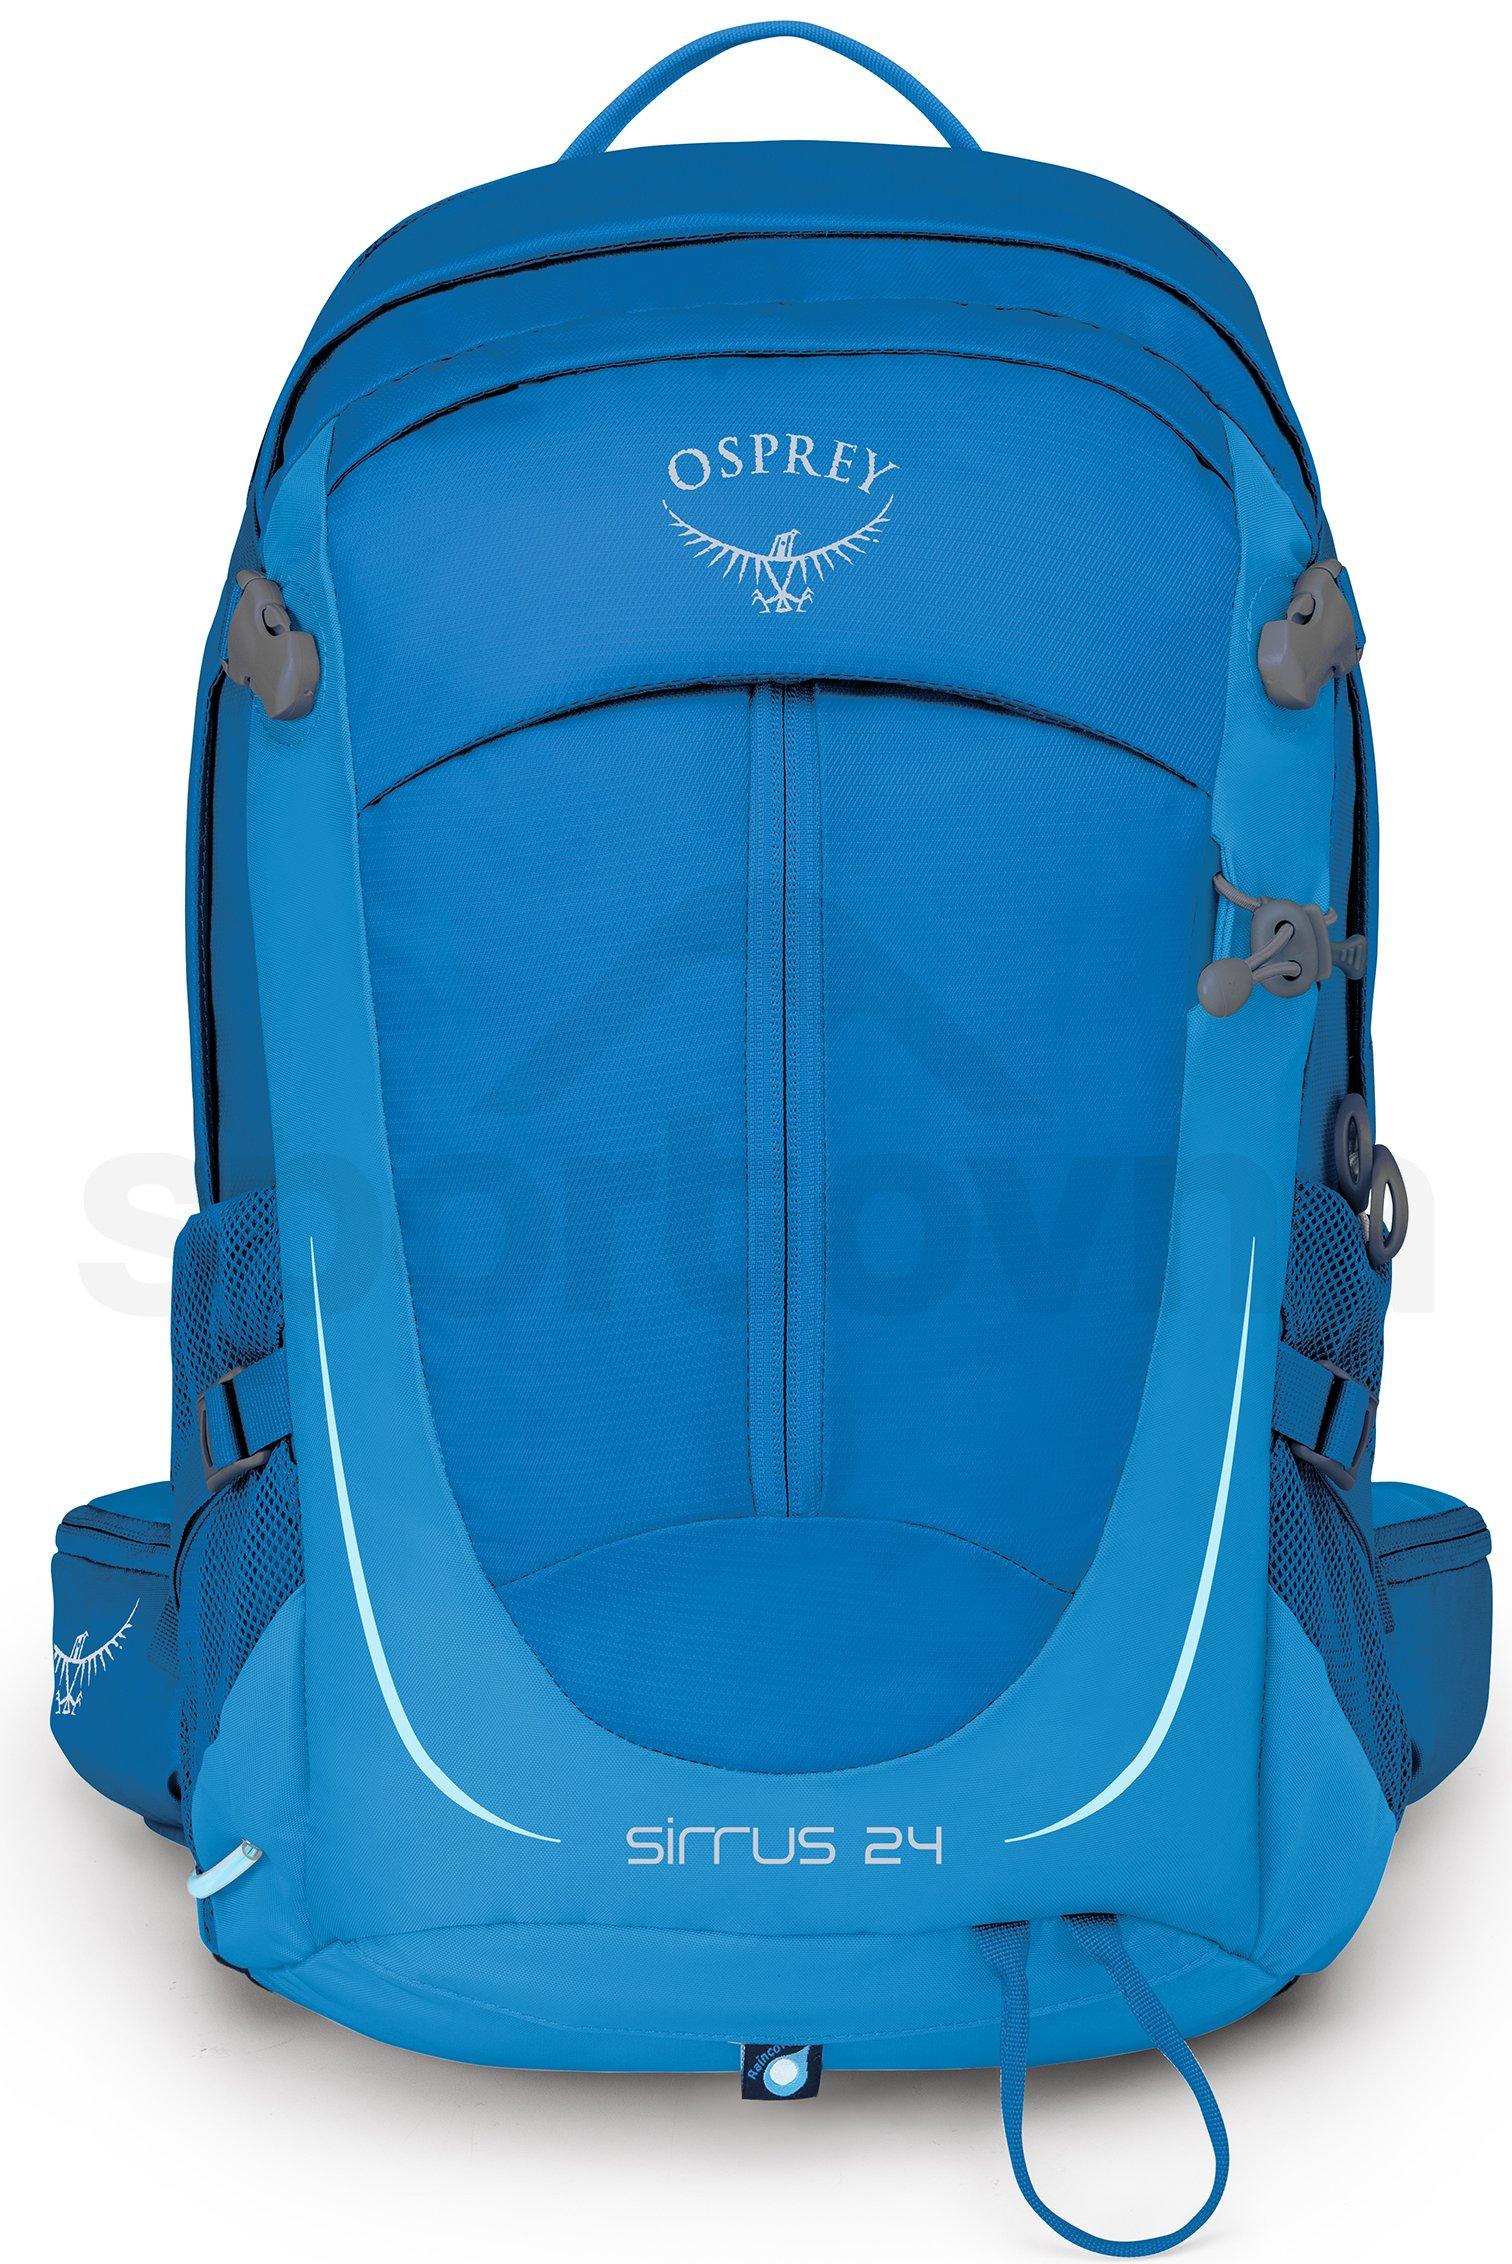 Batoh Osprey Sirrus 24 II W - modrá